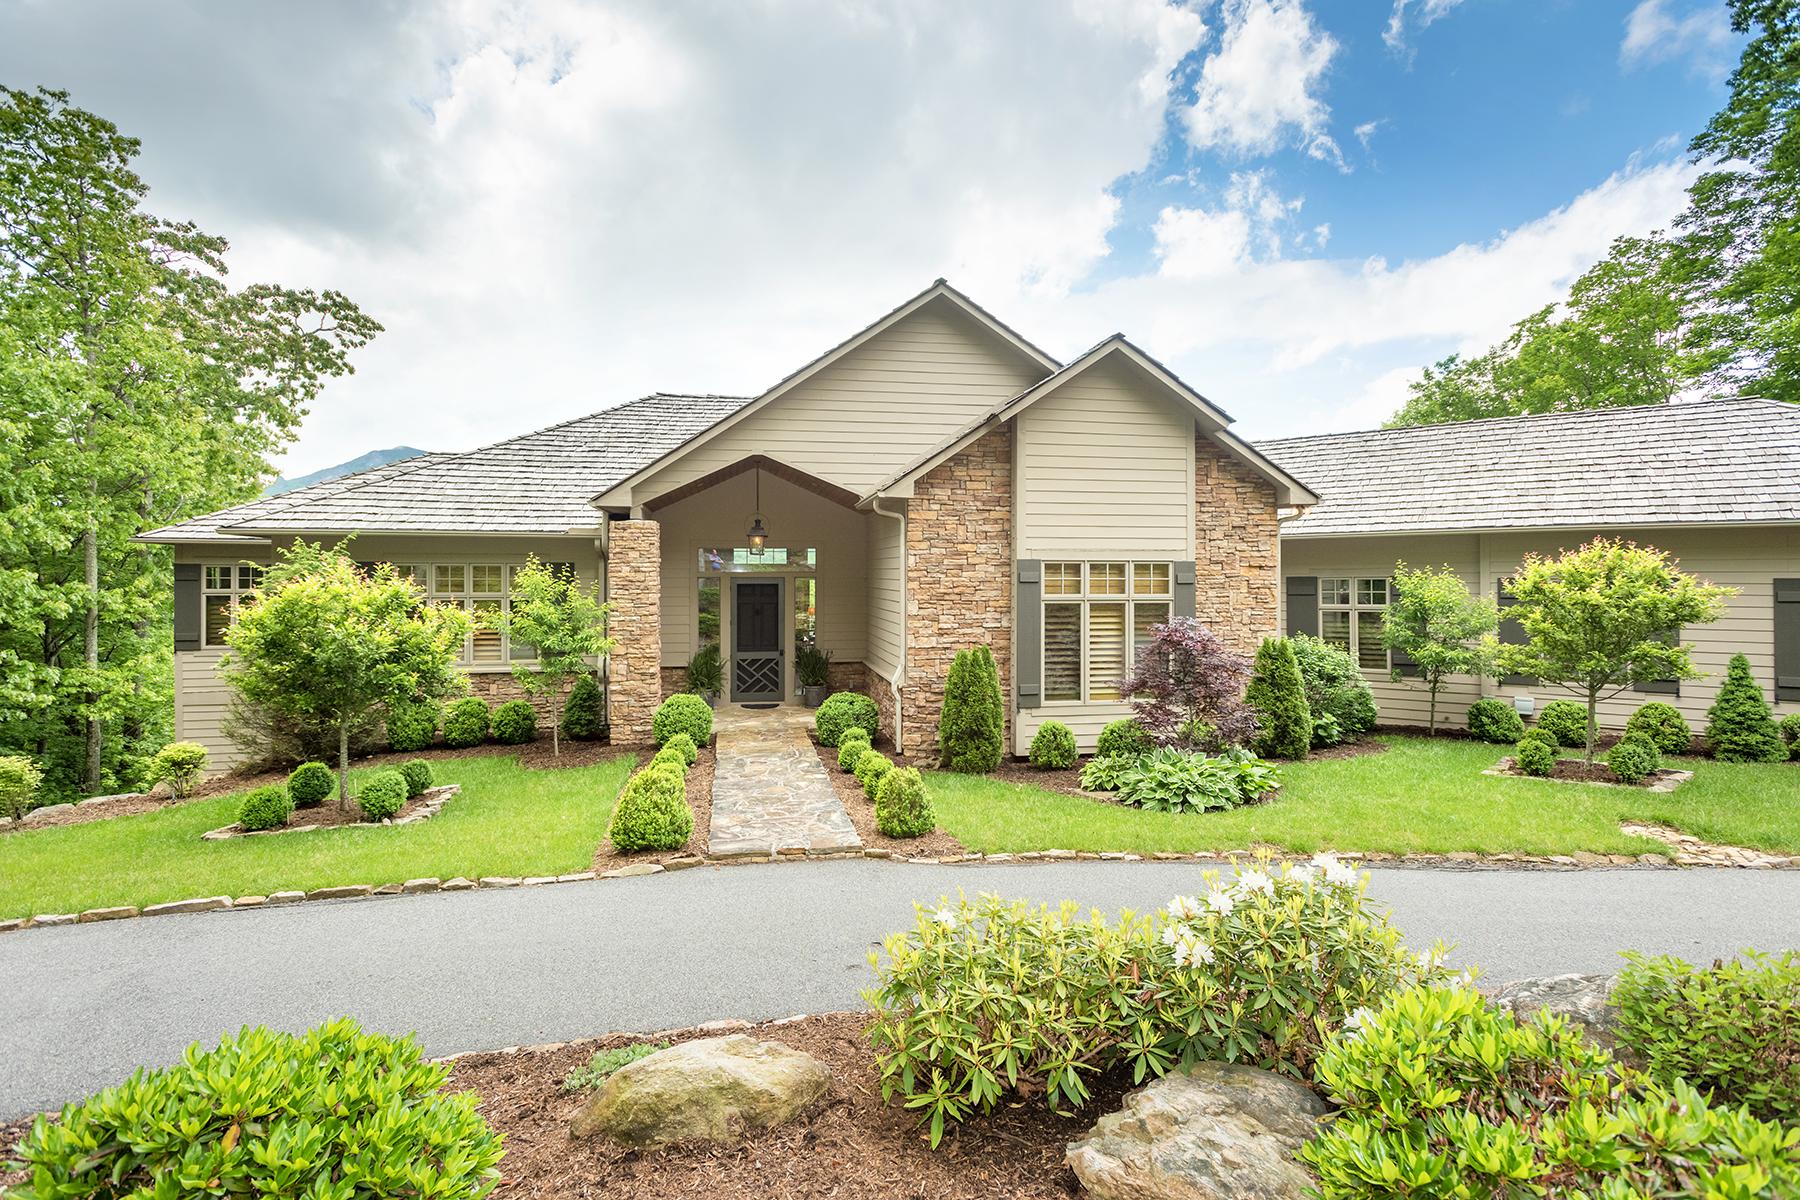 獨棟家庭住宅 為 出售 在 LINVILLE RIDGE 1031 Ridge Drive Linville, 北卡羅來納州 28646 美國